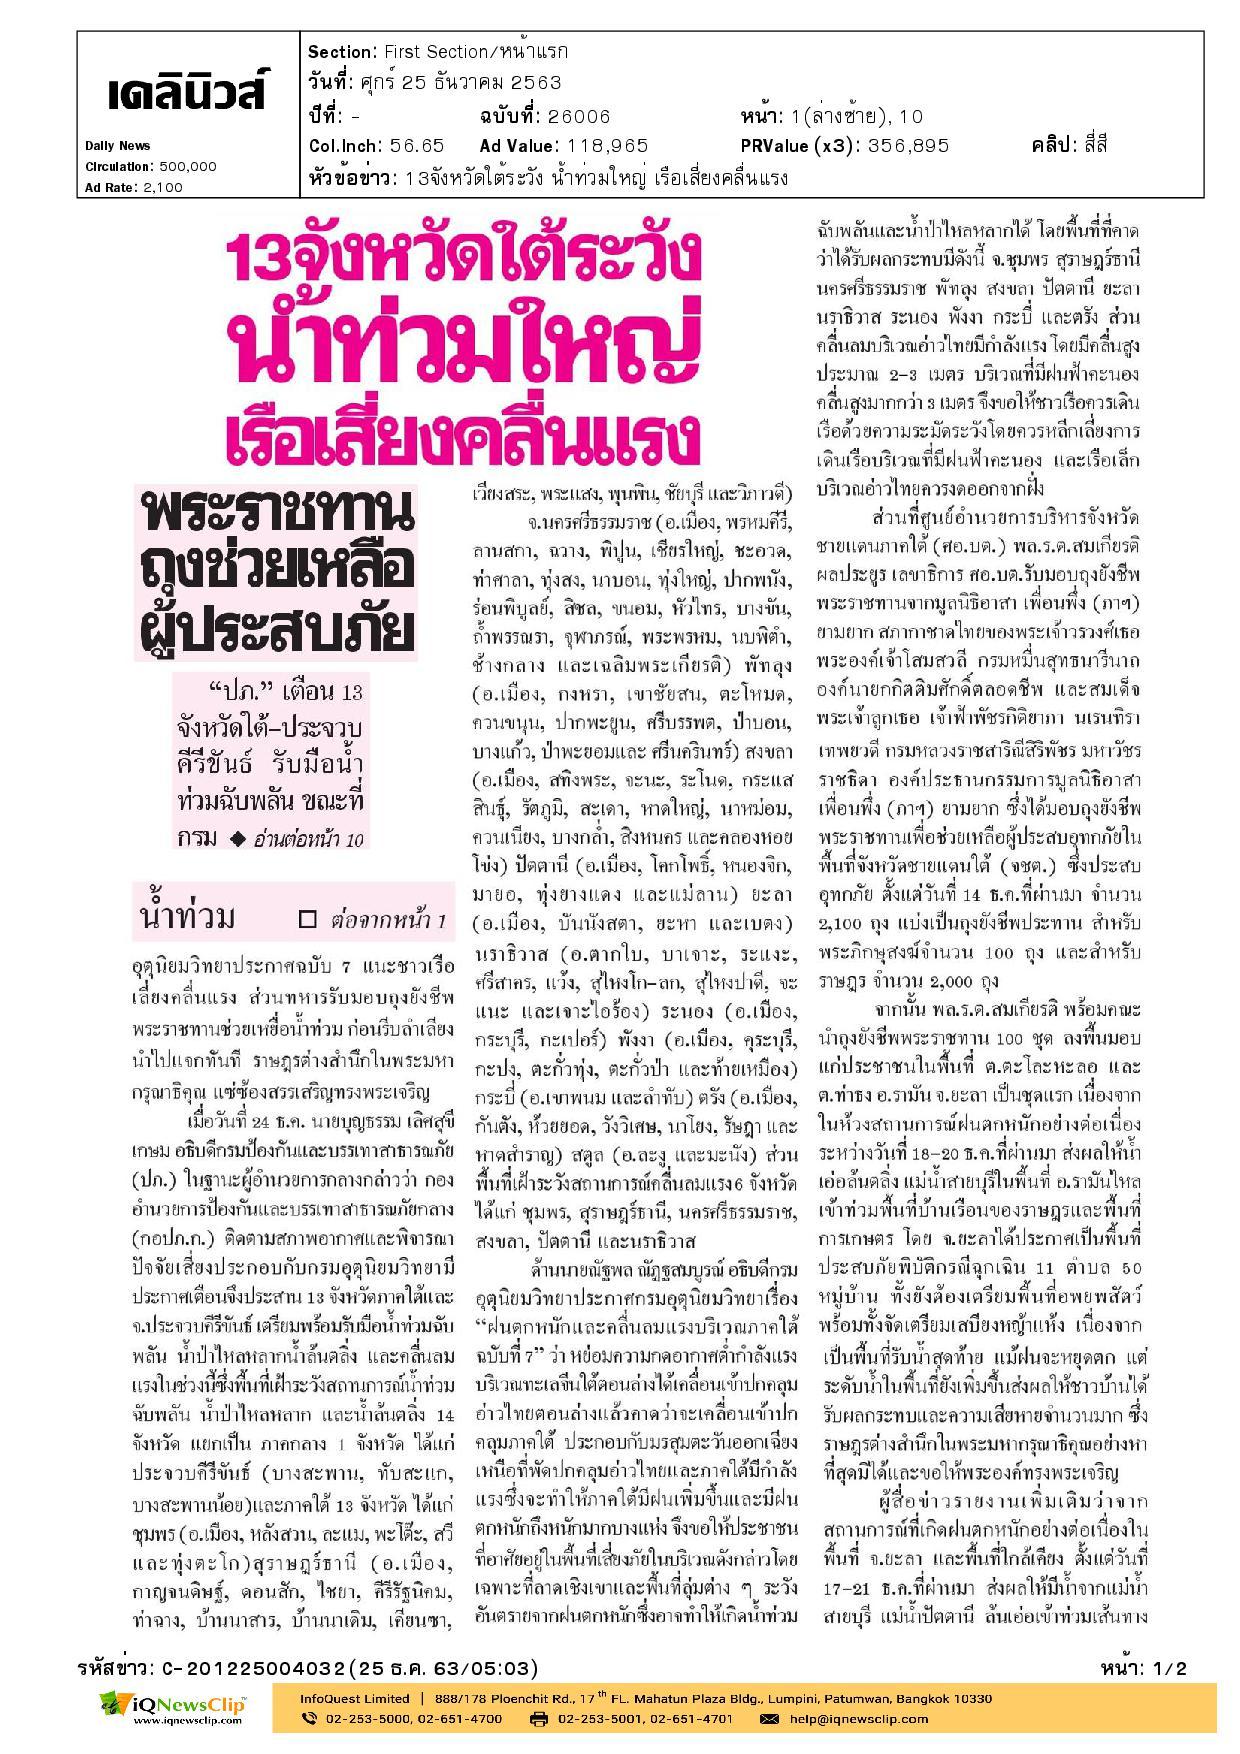 รับมอบถุงยังชีพพระราชทาน จากมูลนิธิอาสาเพื่อนพึ่ง (ภาฯ) ยามยาก สภากาชาดไทย